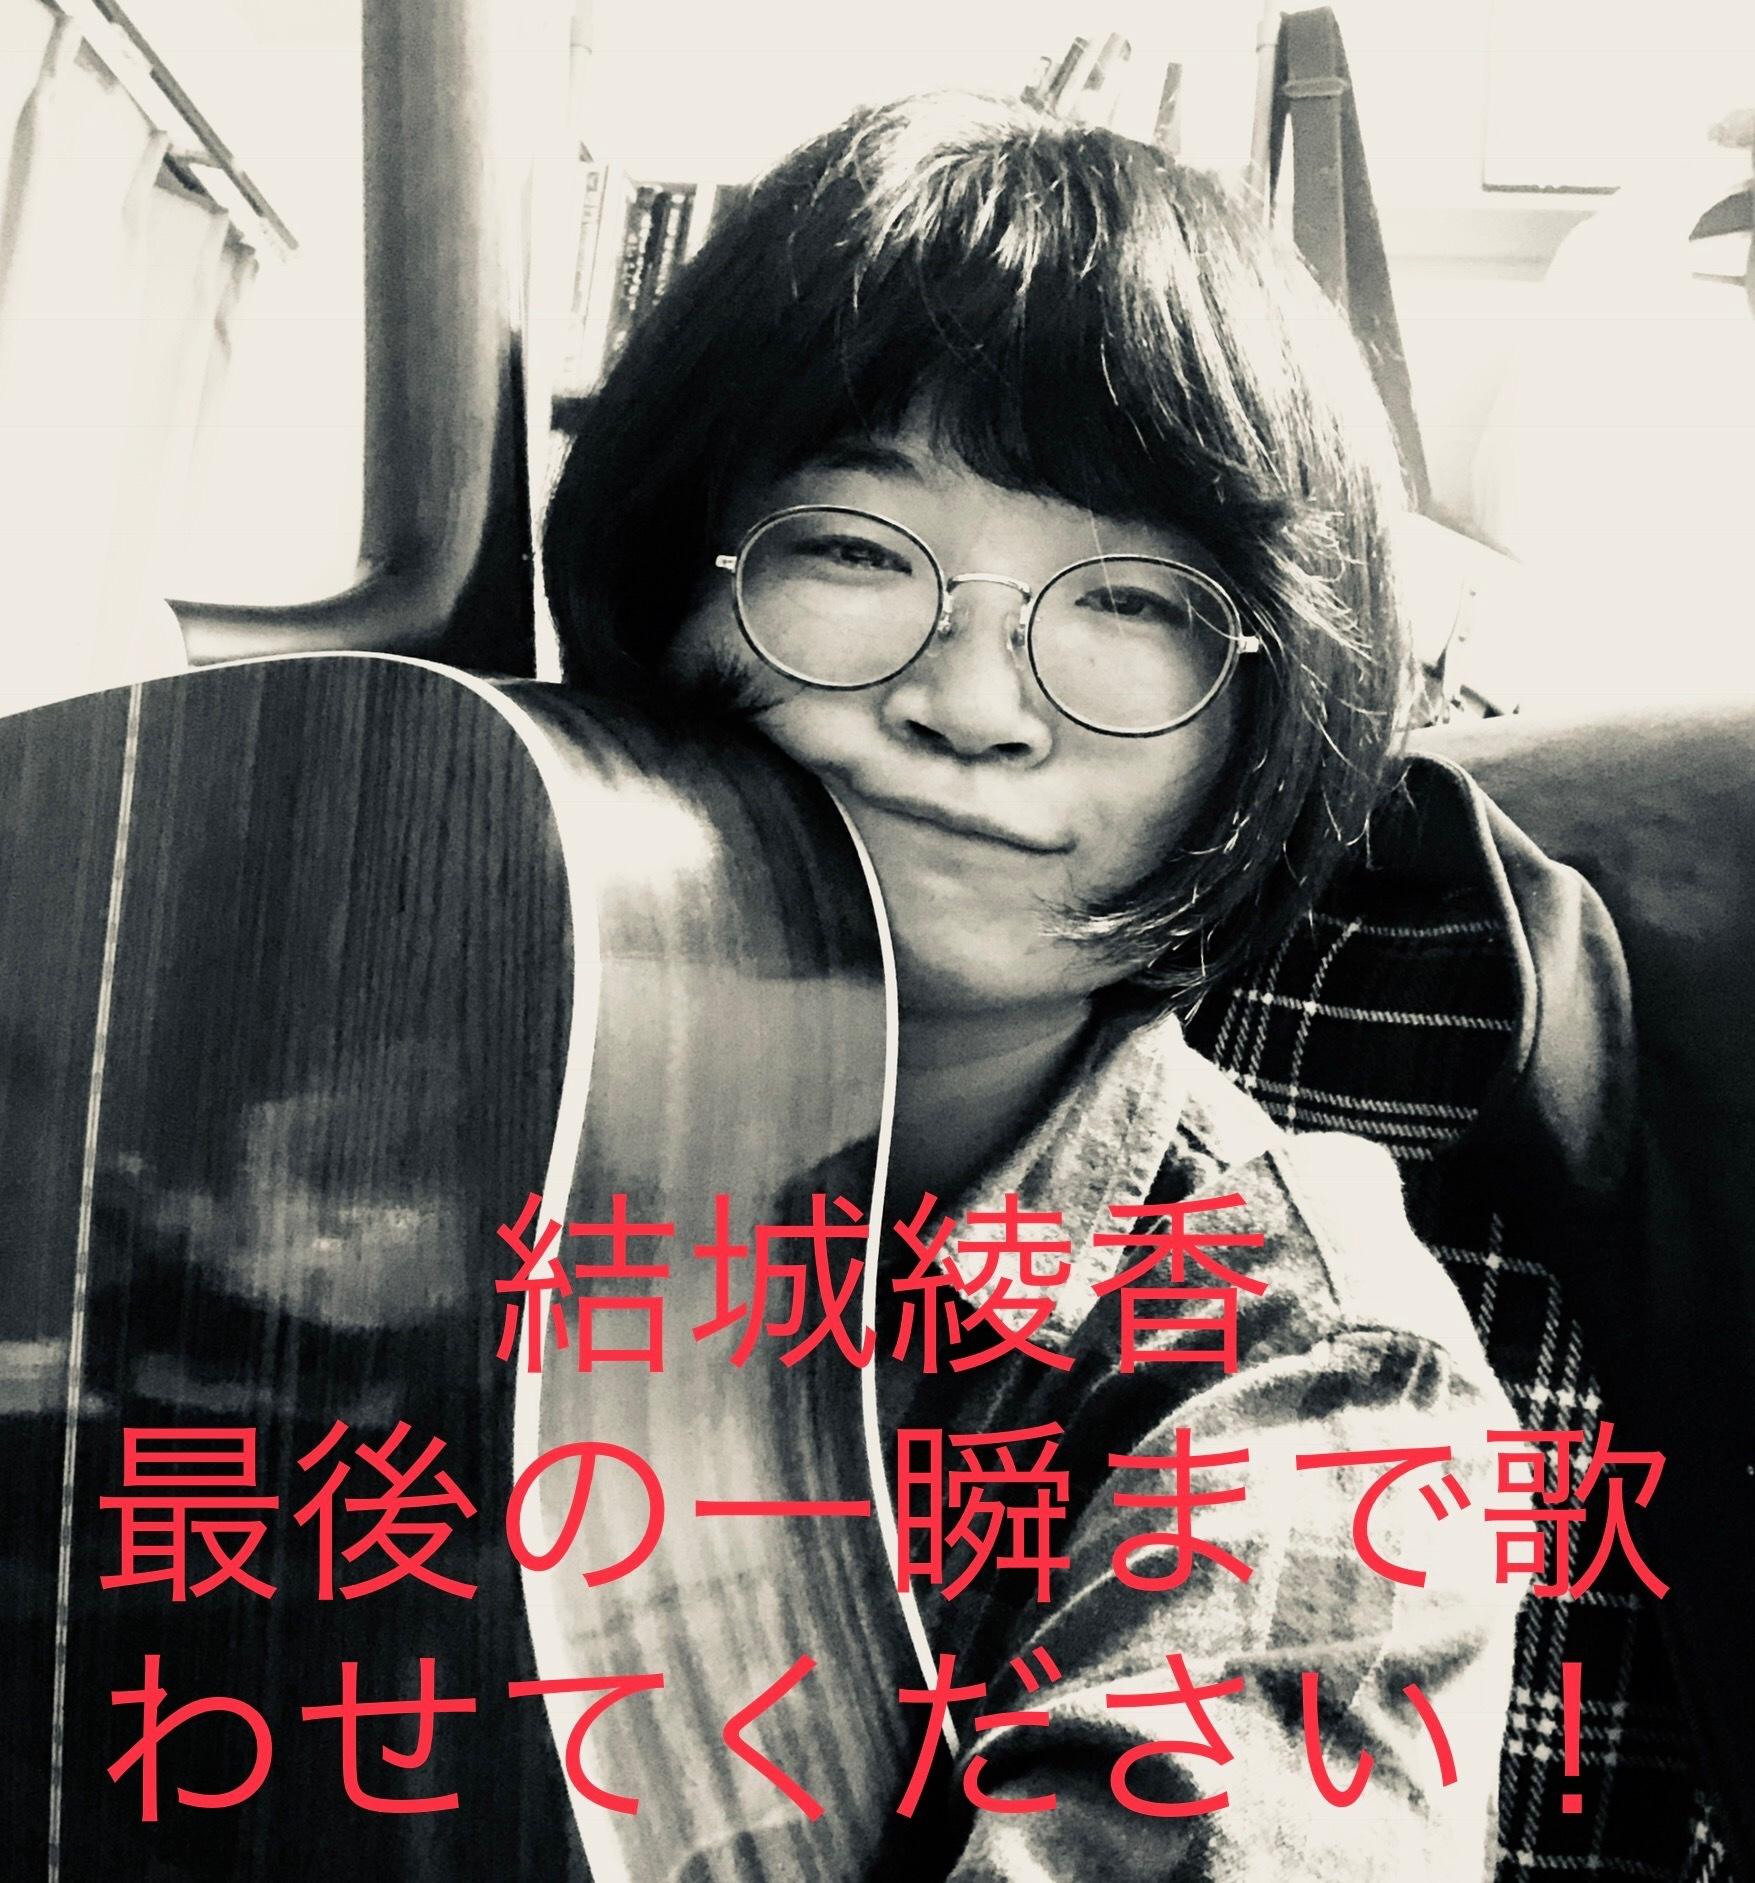 シンガーソングライター【結城綾香】大切なCDの曲をもっとたくさんの人に聞いてほしい!生演奏で届けるための無料ワンマンライブ開催プロジェクト!!